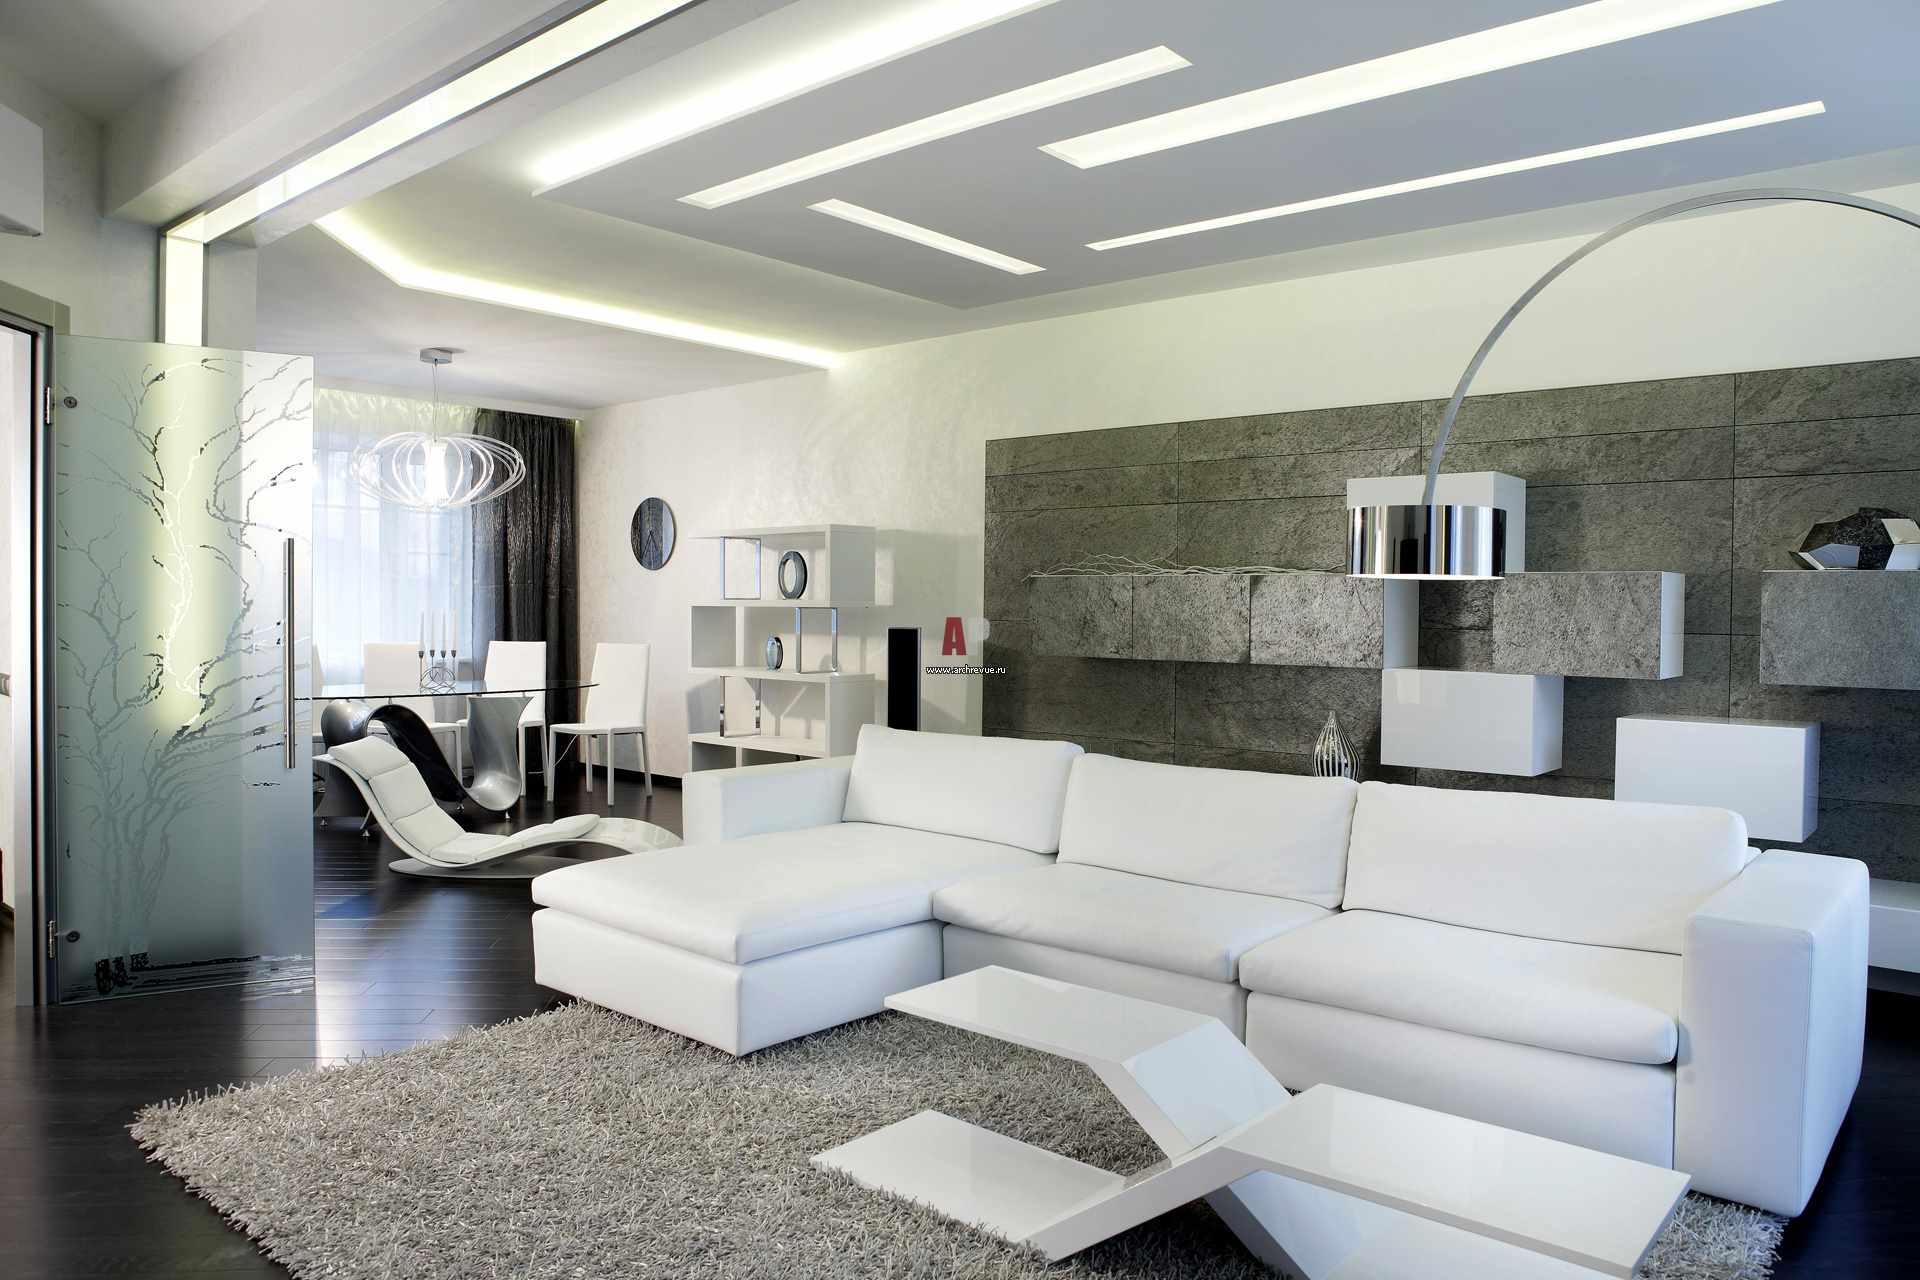 пример применения яркого интерьера гостиной комнаты в стиле минимализм